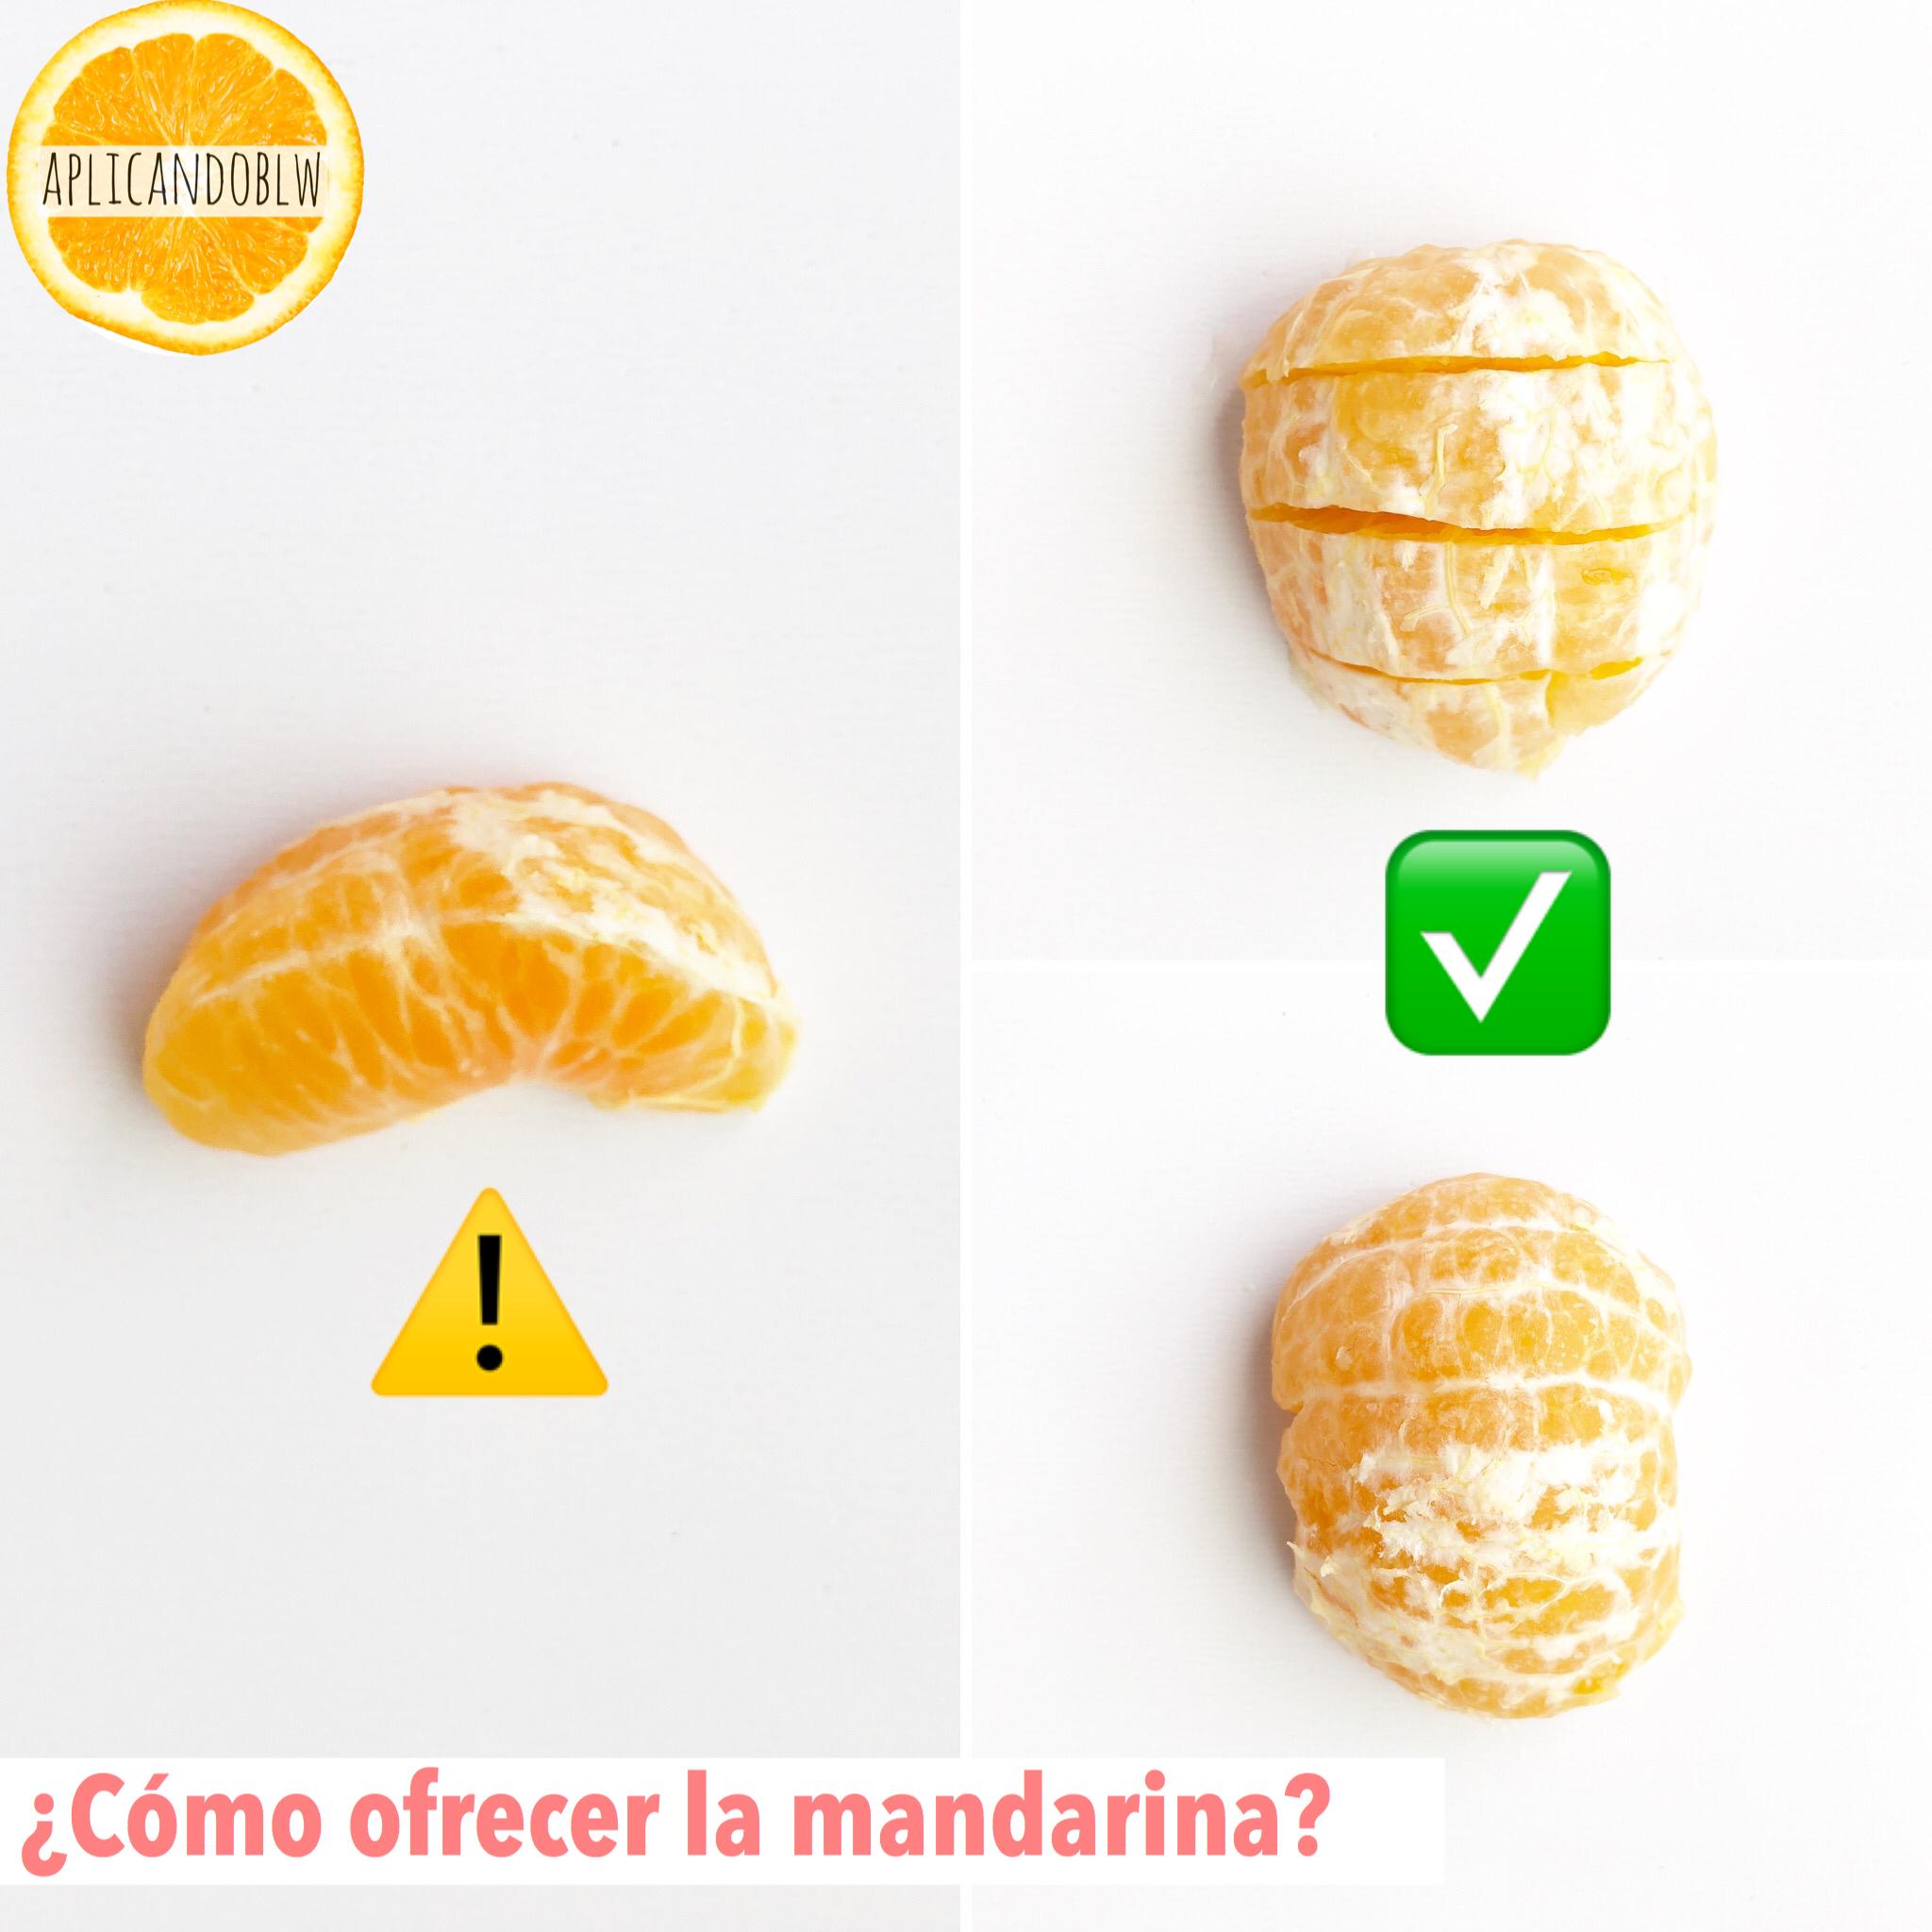 ¿Se puede ofrecer mandarina haciendo Baby Led Weaning?¿Cómo?